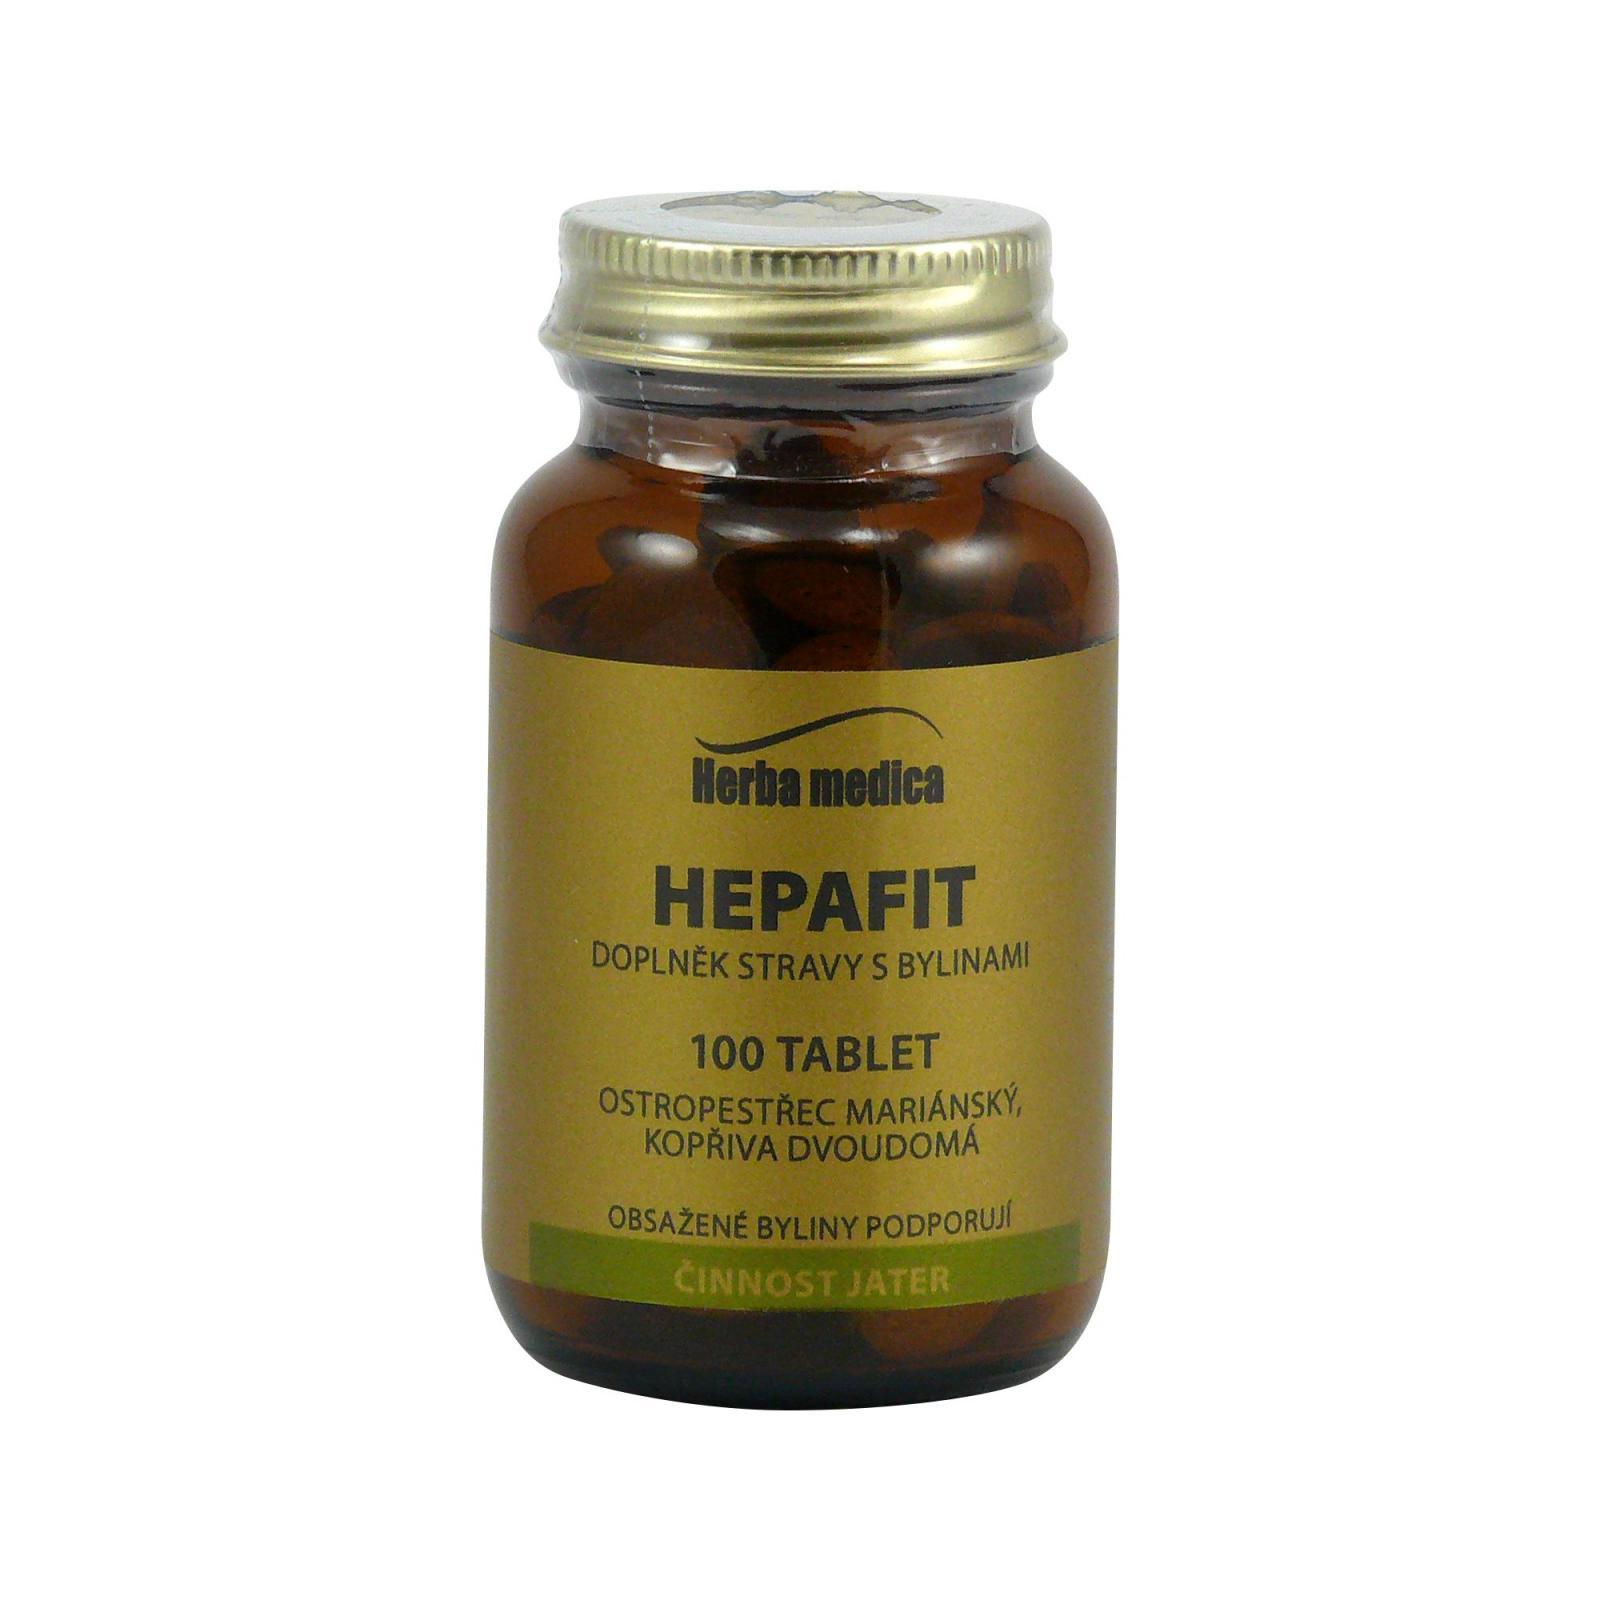 Herba Medica Hepafit 50 g,100 ks (tablet)